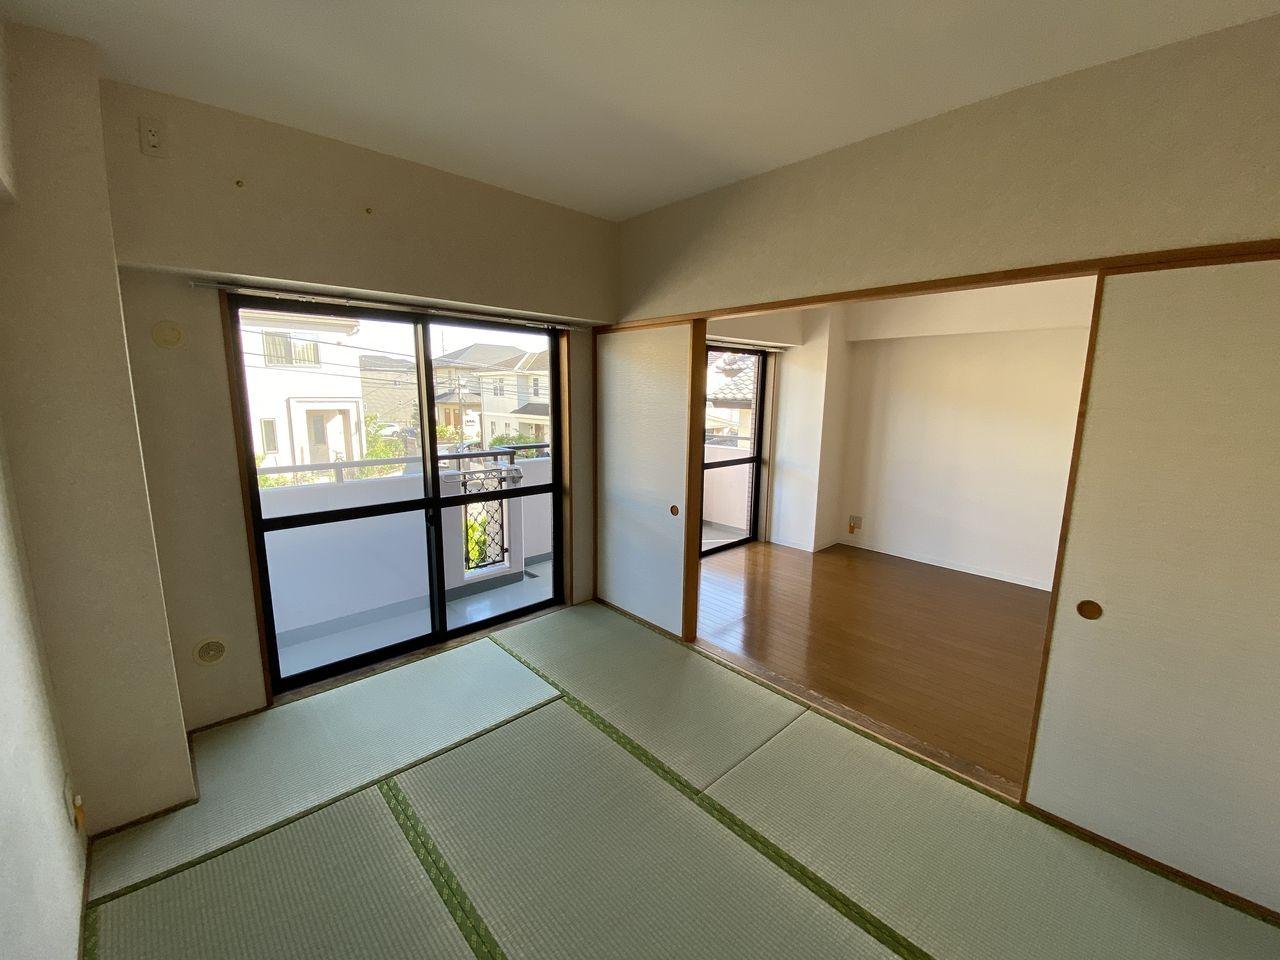 横浜市青葉区美しが丘4-22-5・「アドバンスヴィラ」・和室